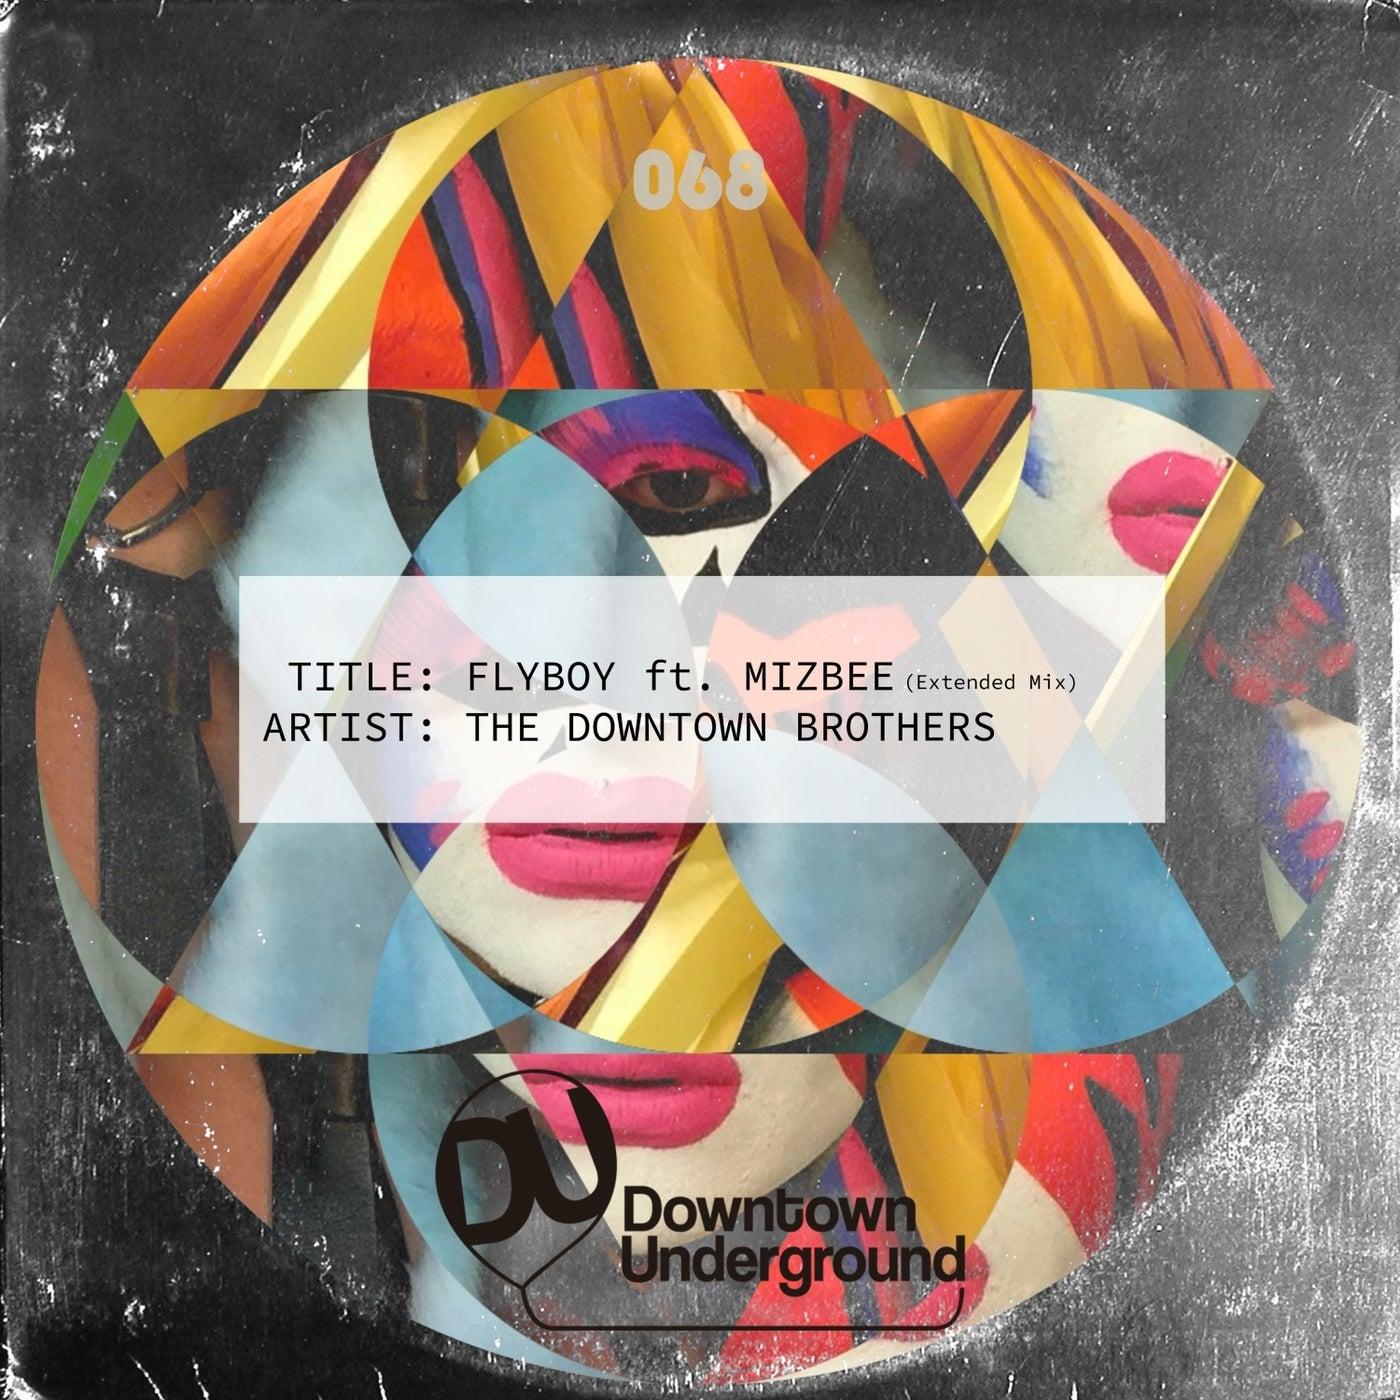 Flyboy Feat. Mizbee (Extended Mix)